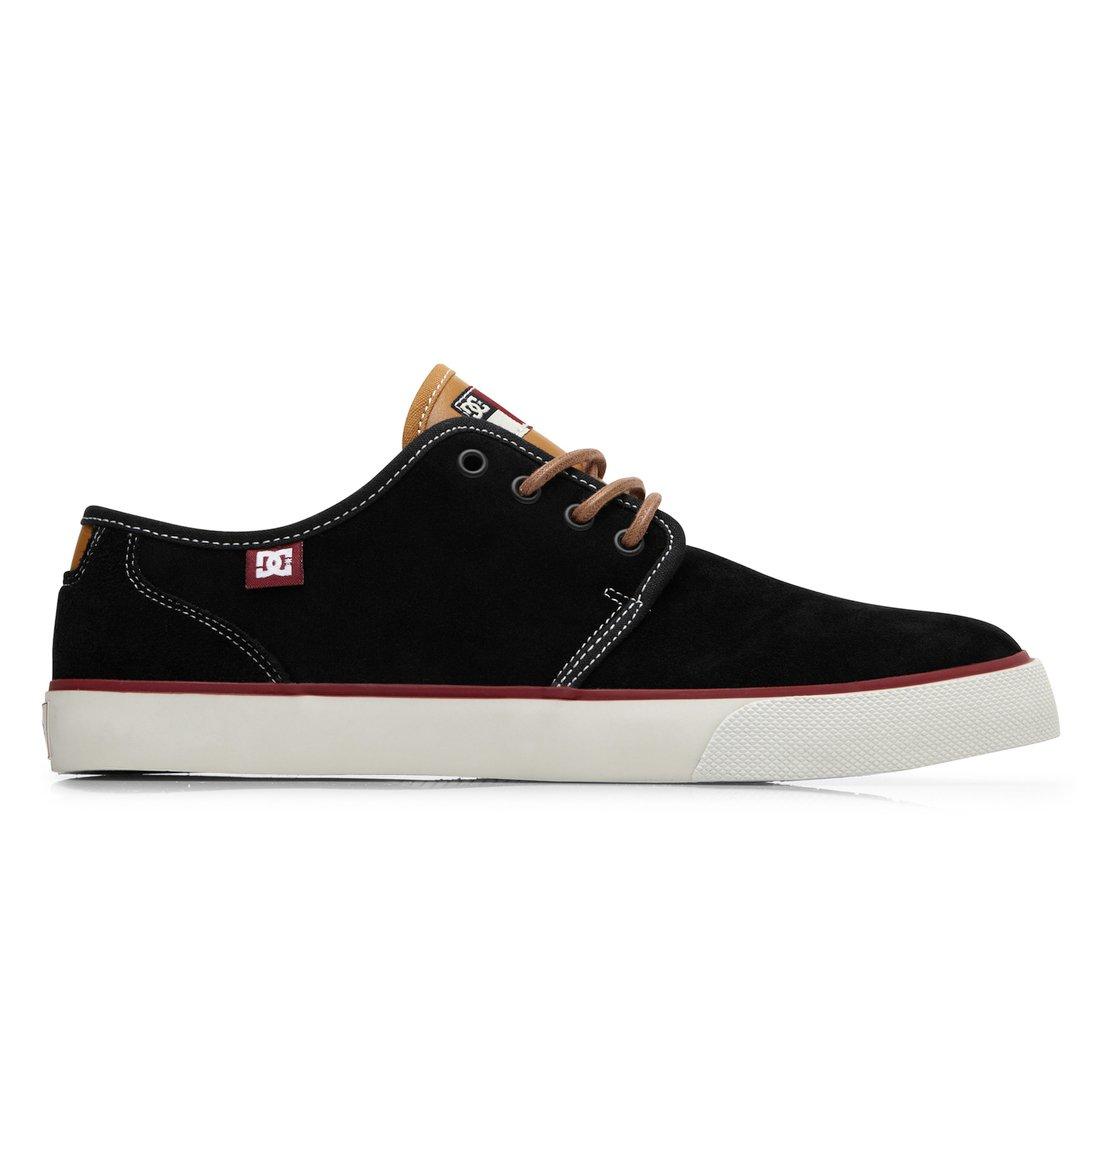 DC Shoes Studio LE - Zapatillas bajas - hombre - EU 40.5